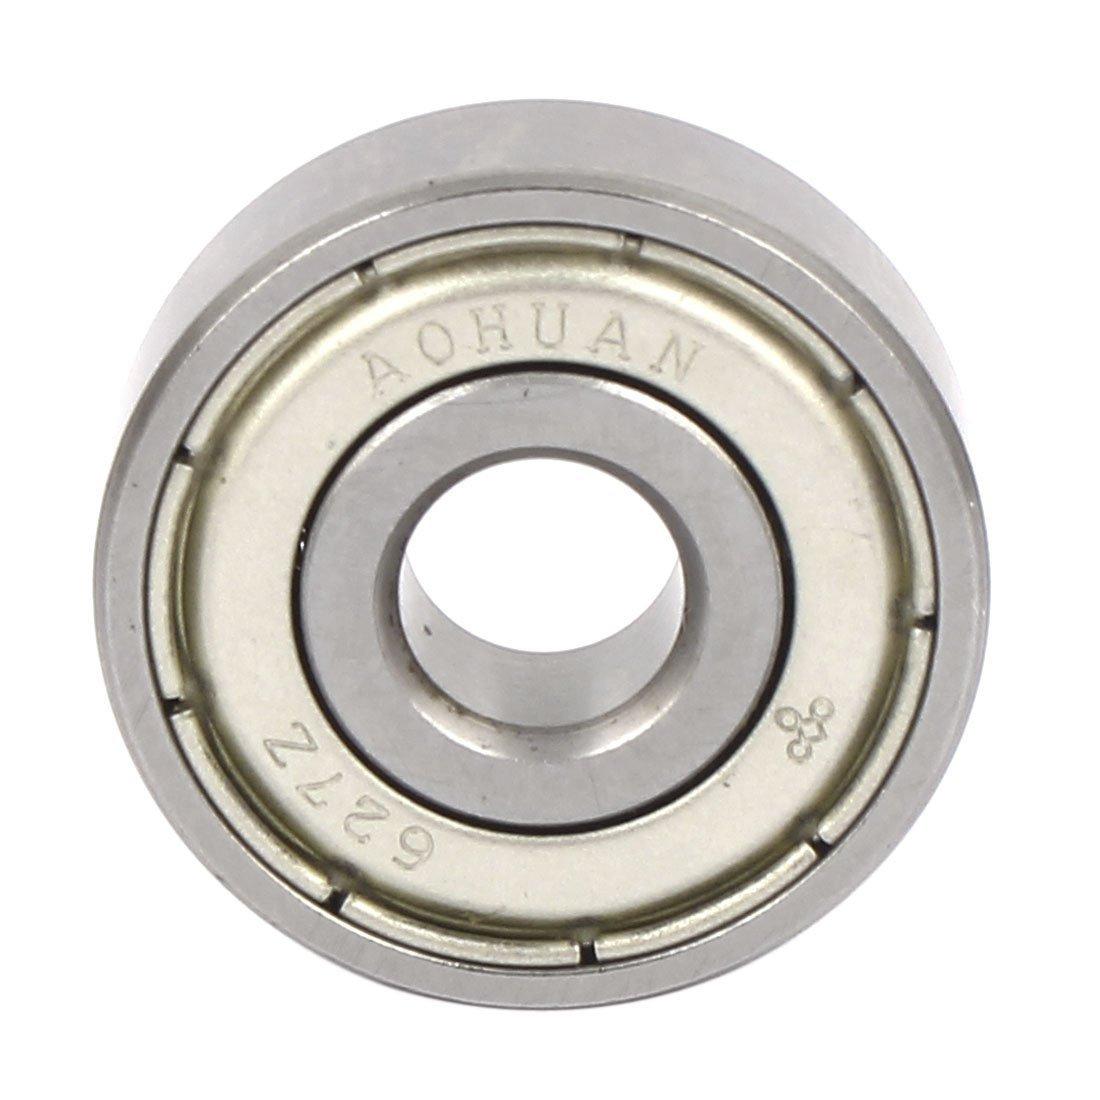 eDealMax 627Z Modelo DE 22 mm x 7 mm x 7 mm de Doble Metal protegido Guía Profundo del surco de la polea de tren de rodamientos de Bolas Rueda de Plata ...